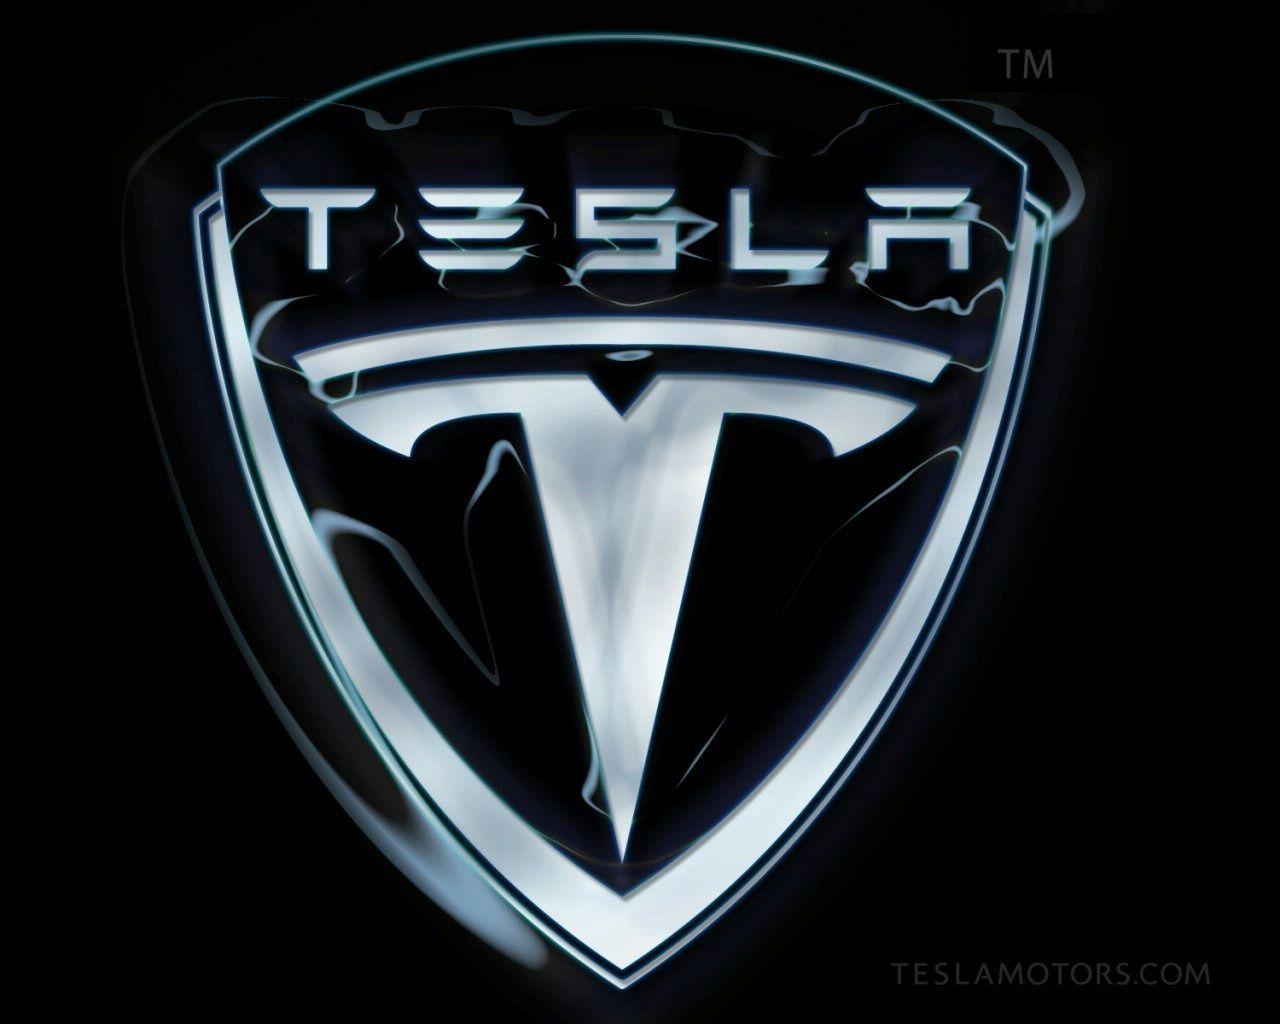 Марки автомобилей | Логотипы, торговые знаки автомобильных ...